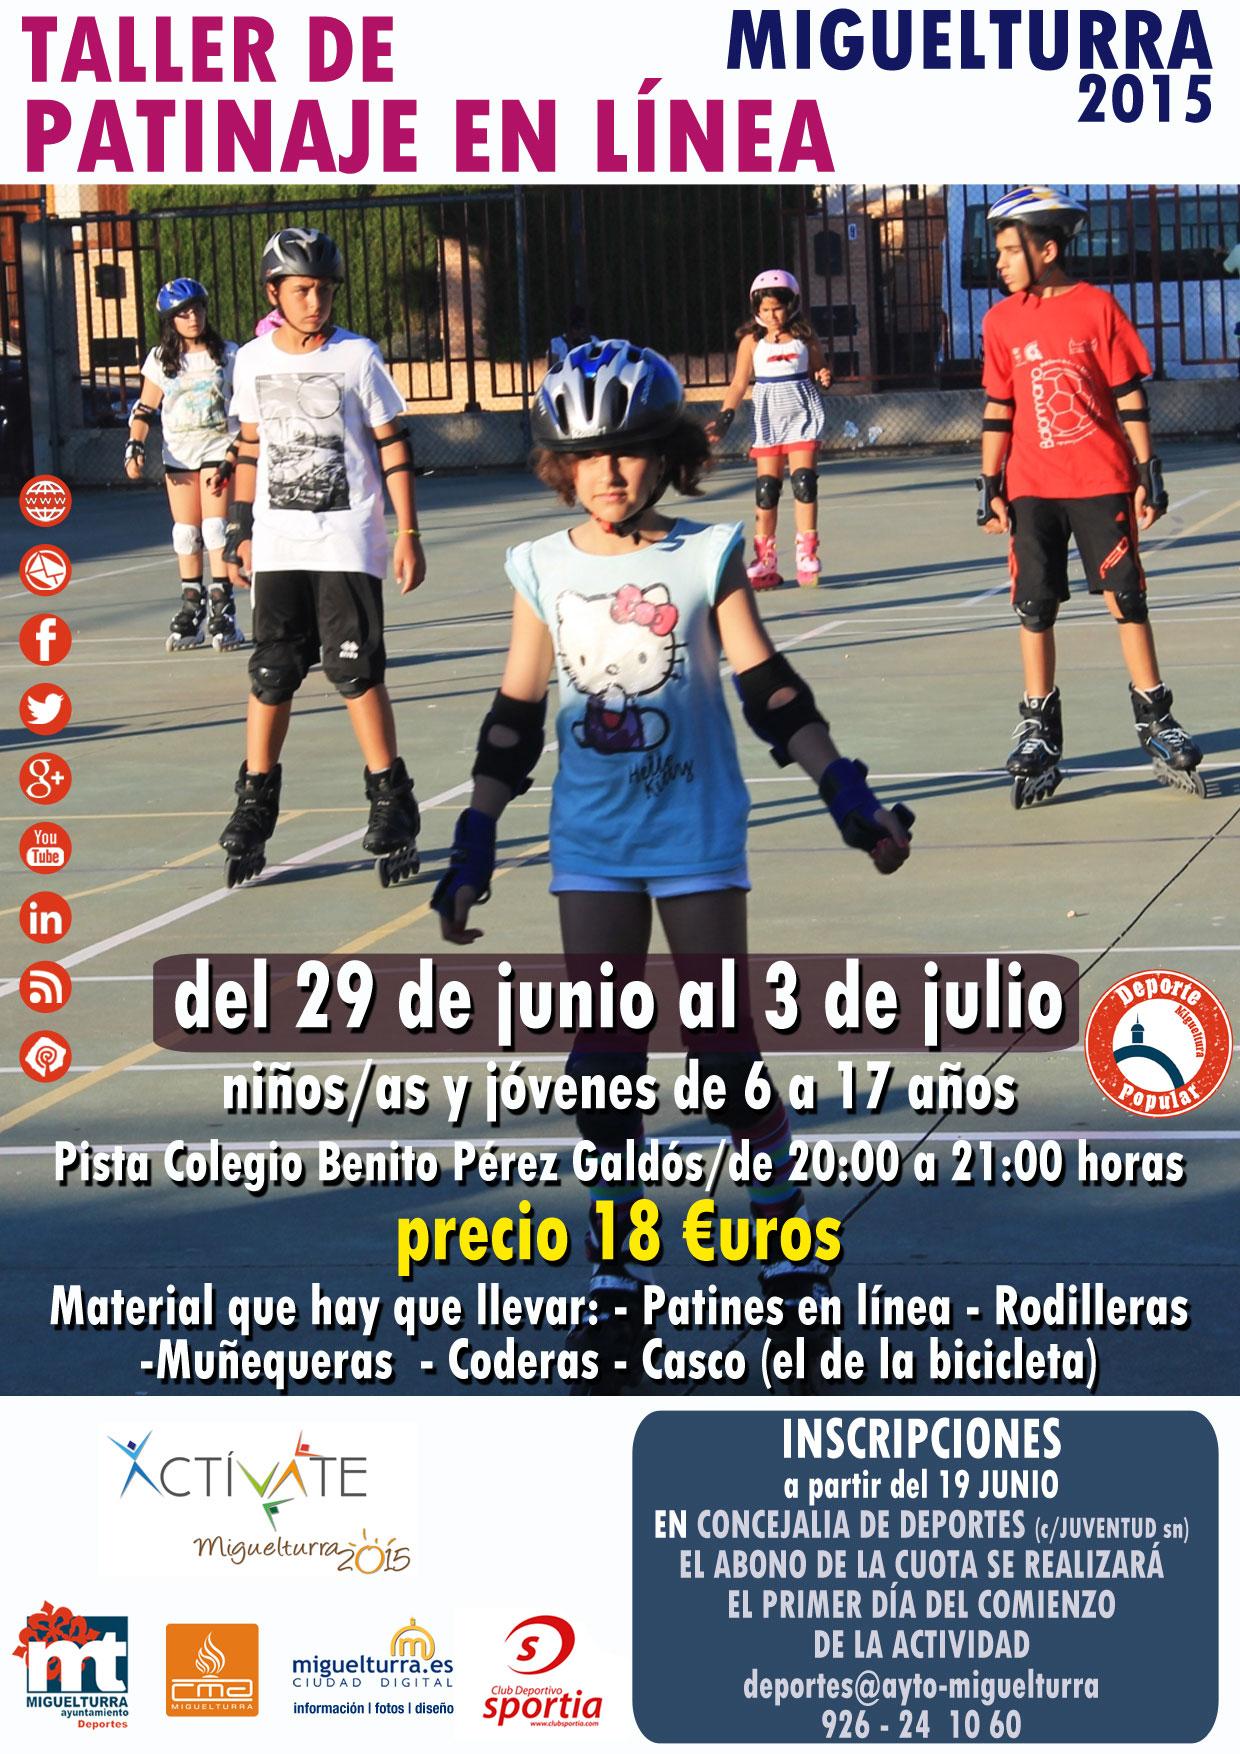 Abierto el plazo para el taller de patinaje en línea del 29 al 3 de julio en Miguelturra